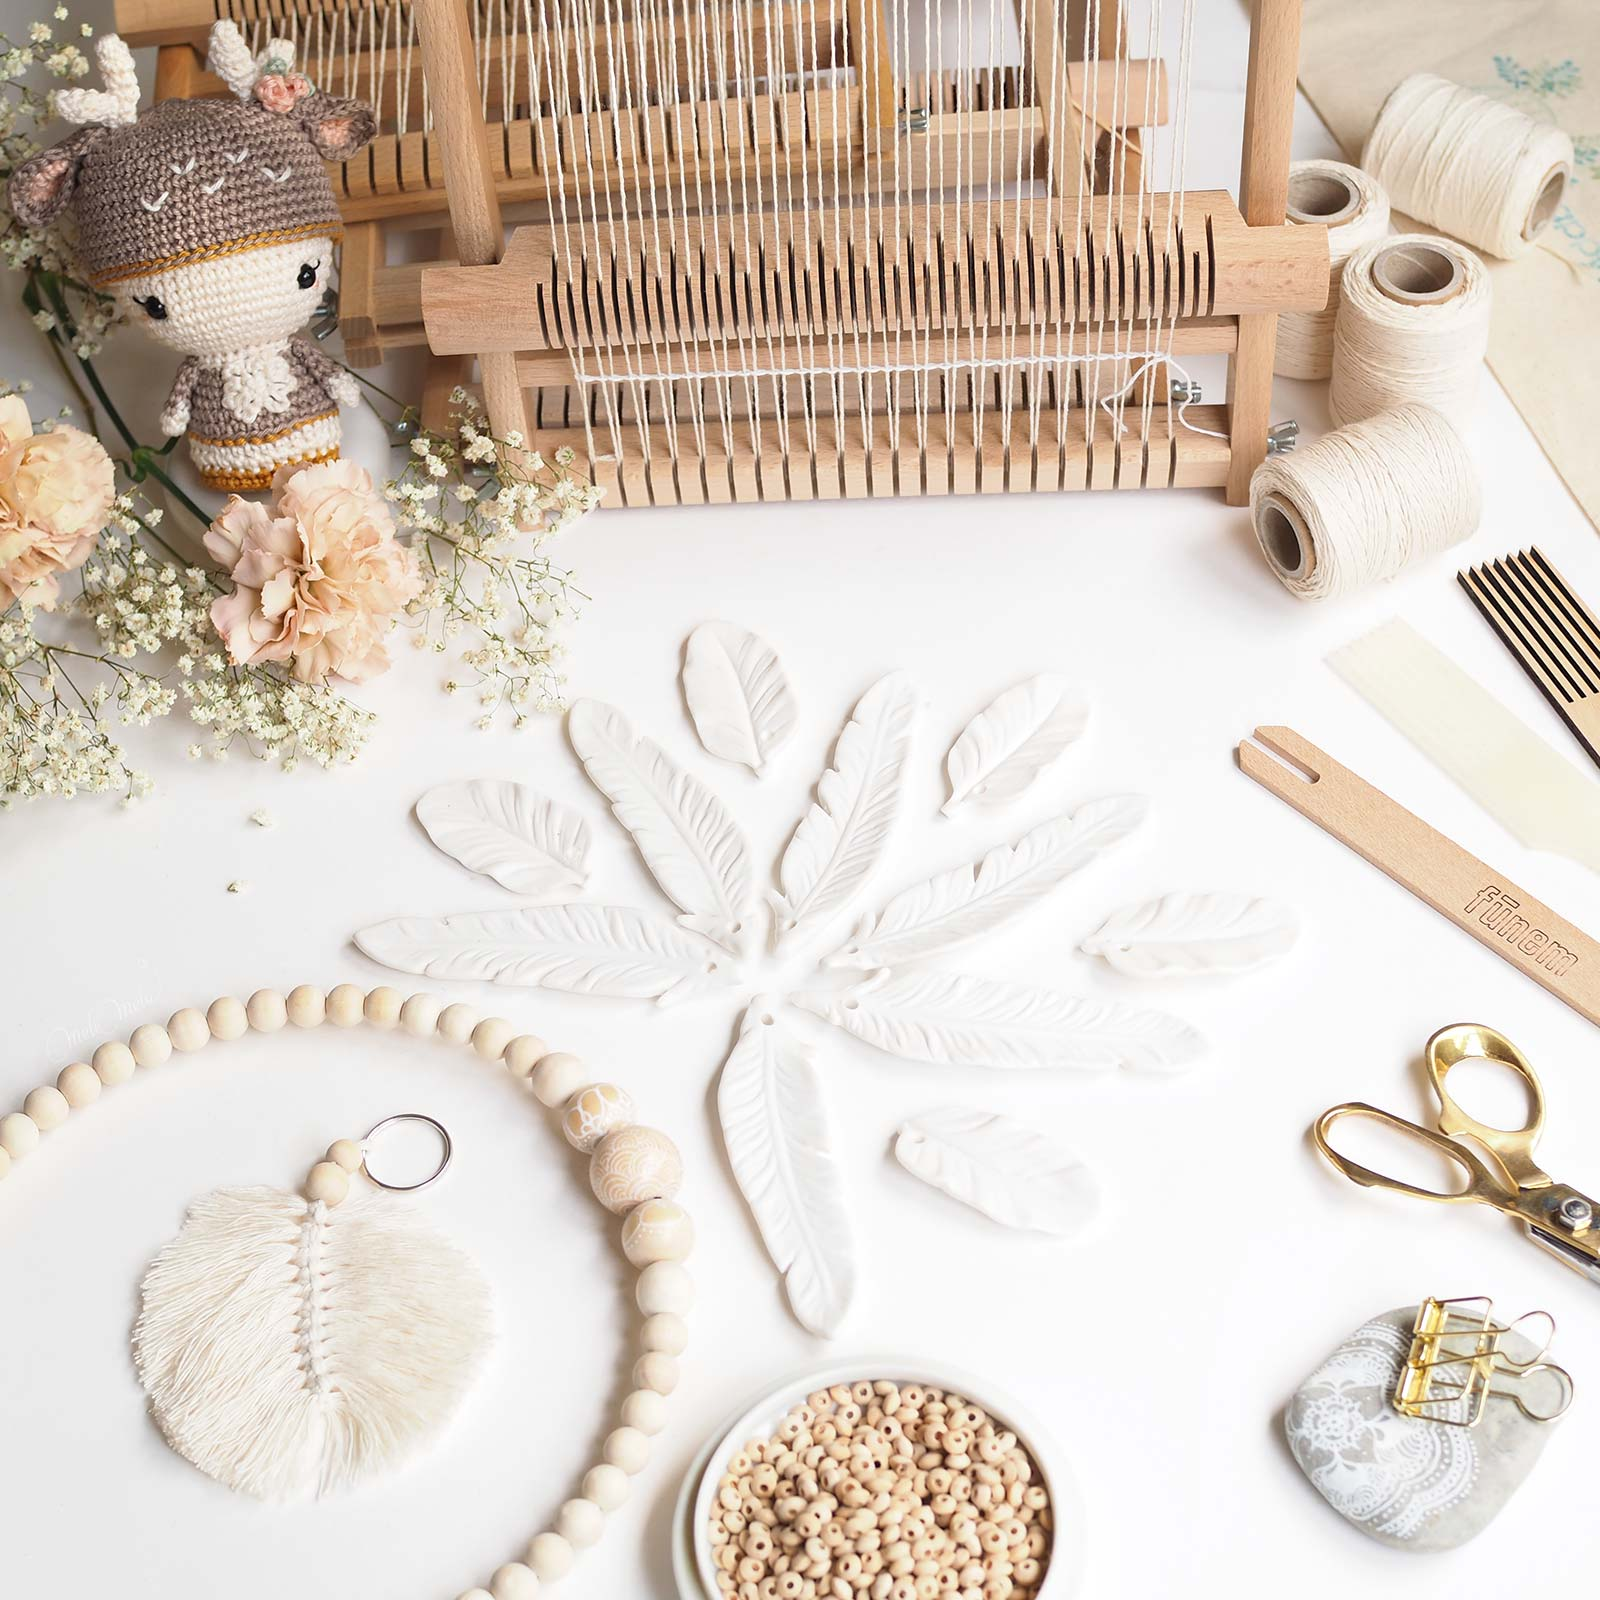 défi tissage instagram plumes céramique perles bois laboutiquedemelimelo